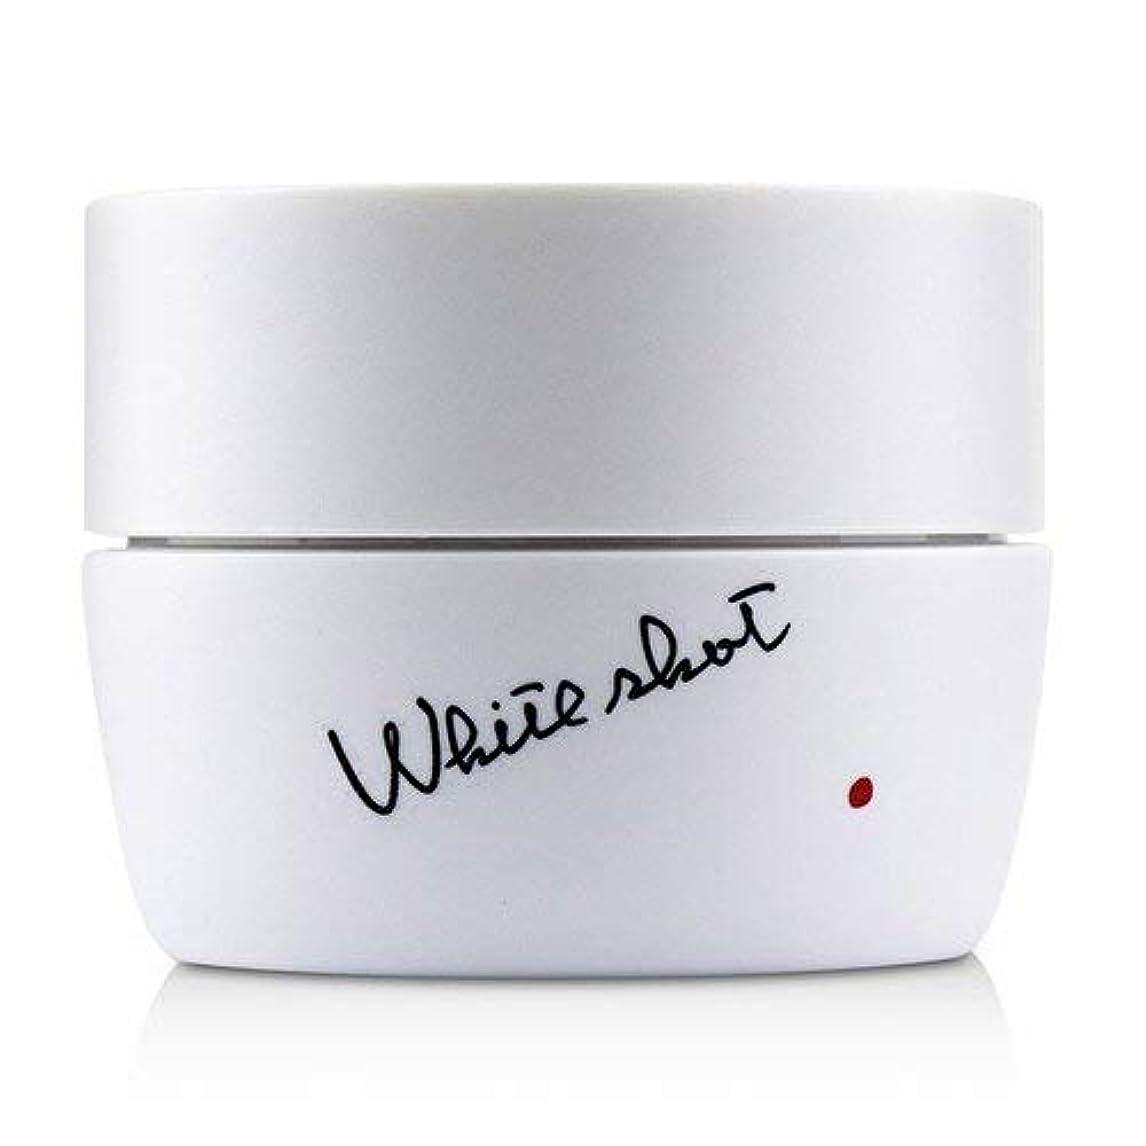 言及する小包キャッシュpola ホワイトショットRXS 新商品